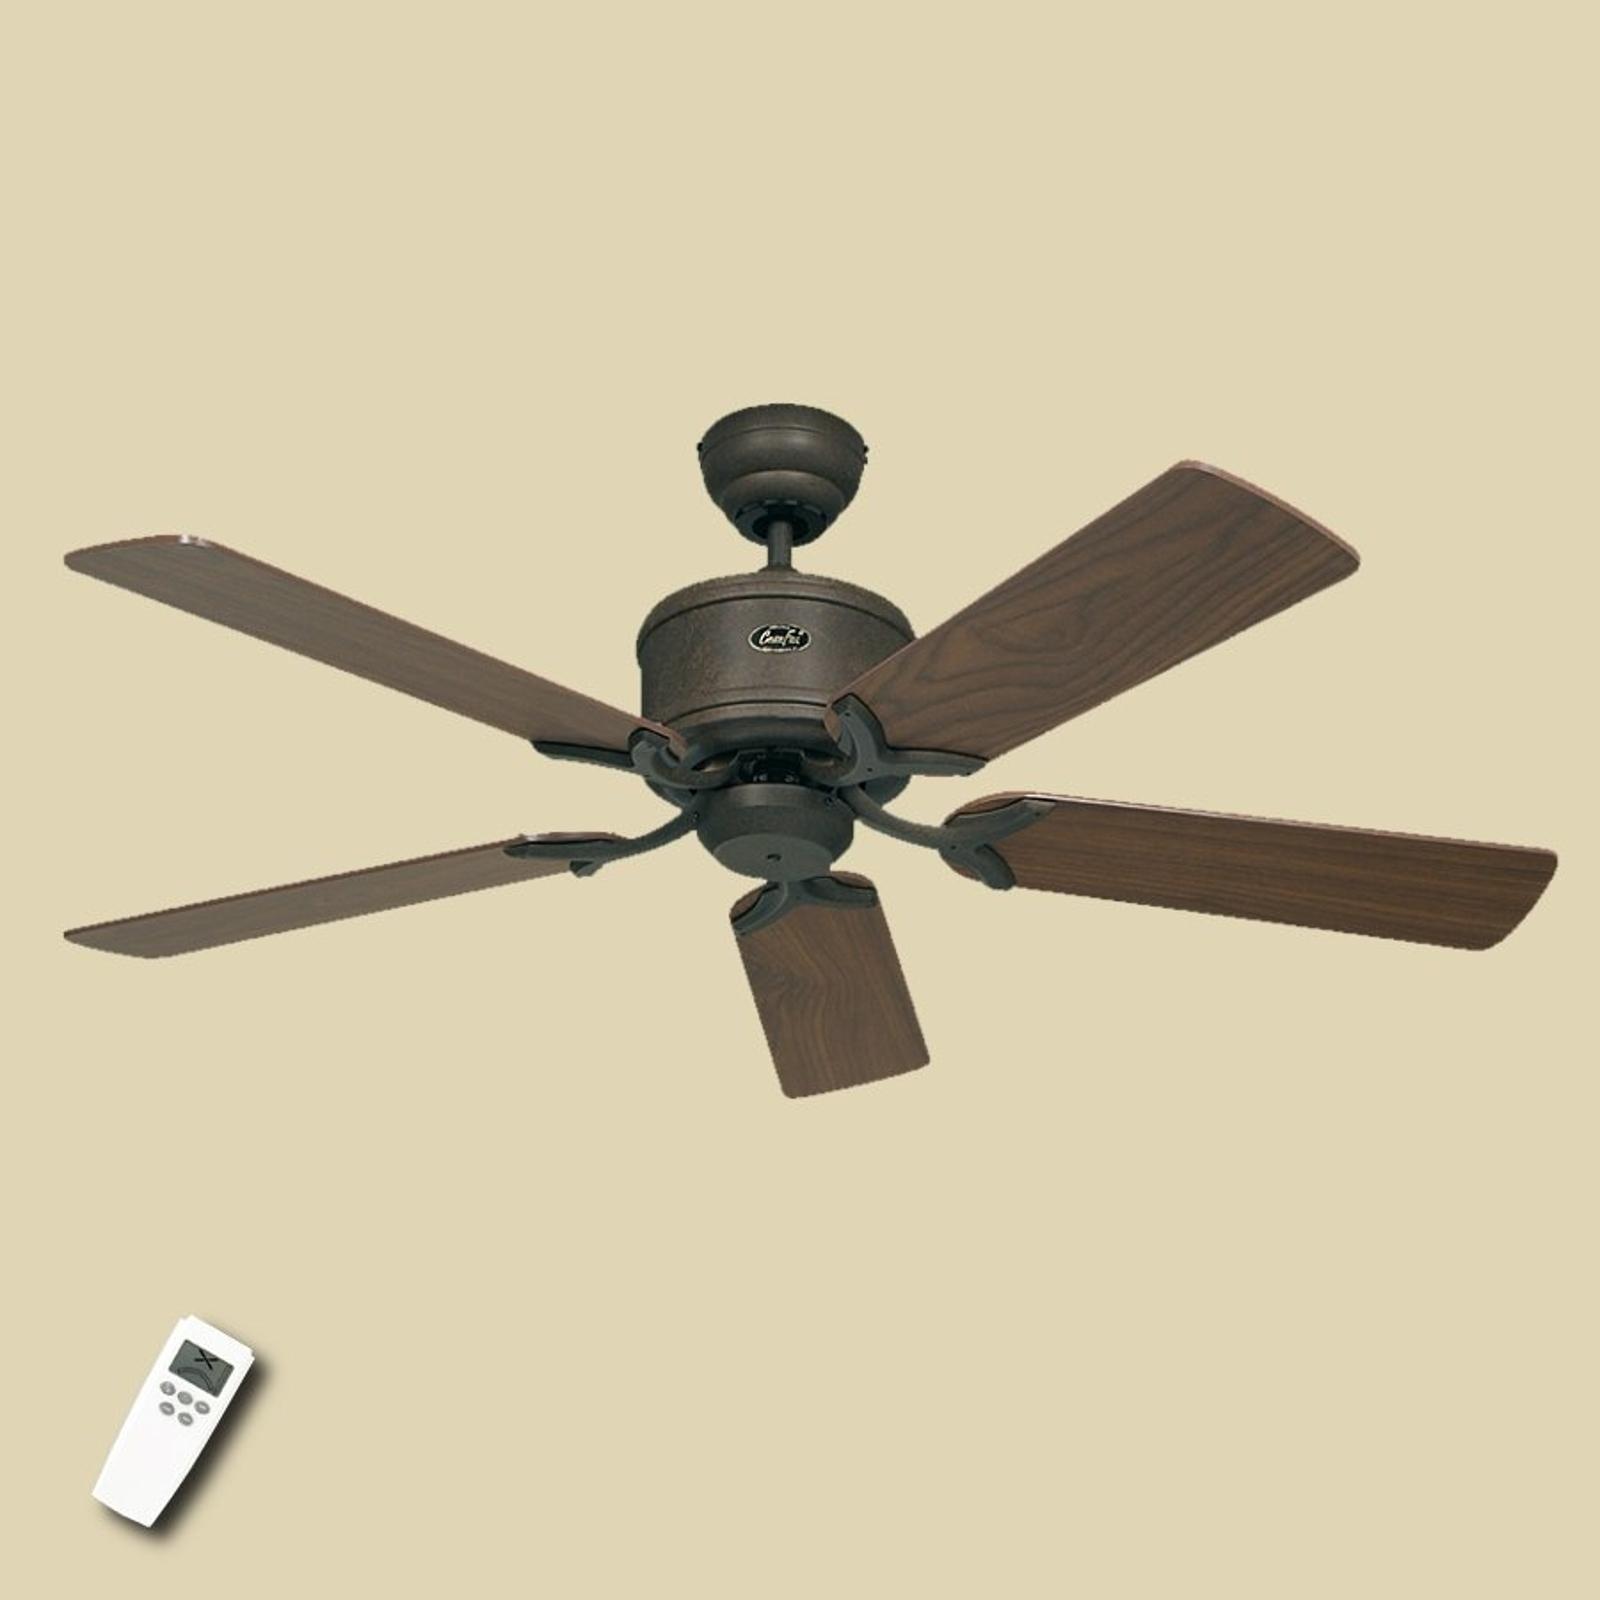 Ventilateur de plafond Eco Elements brun noisette